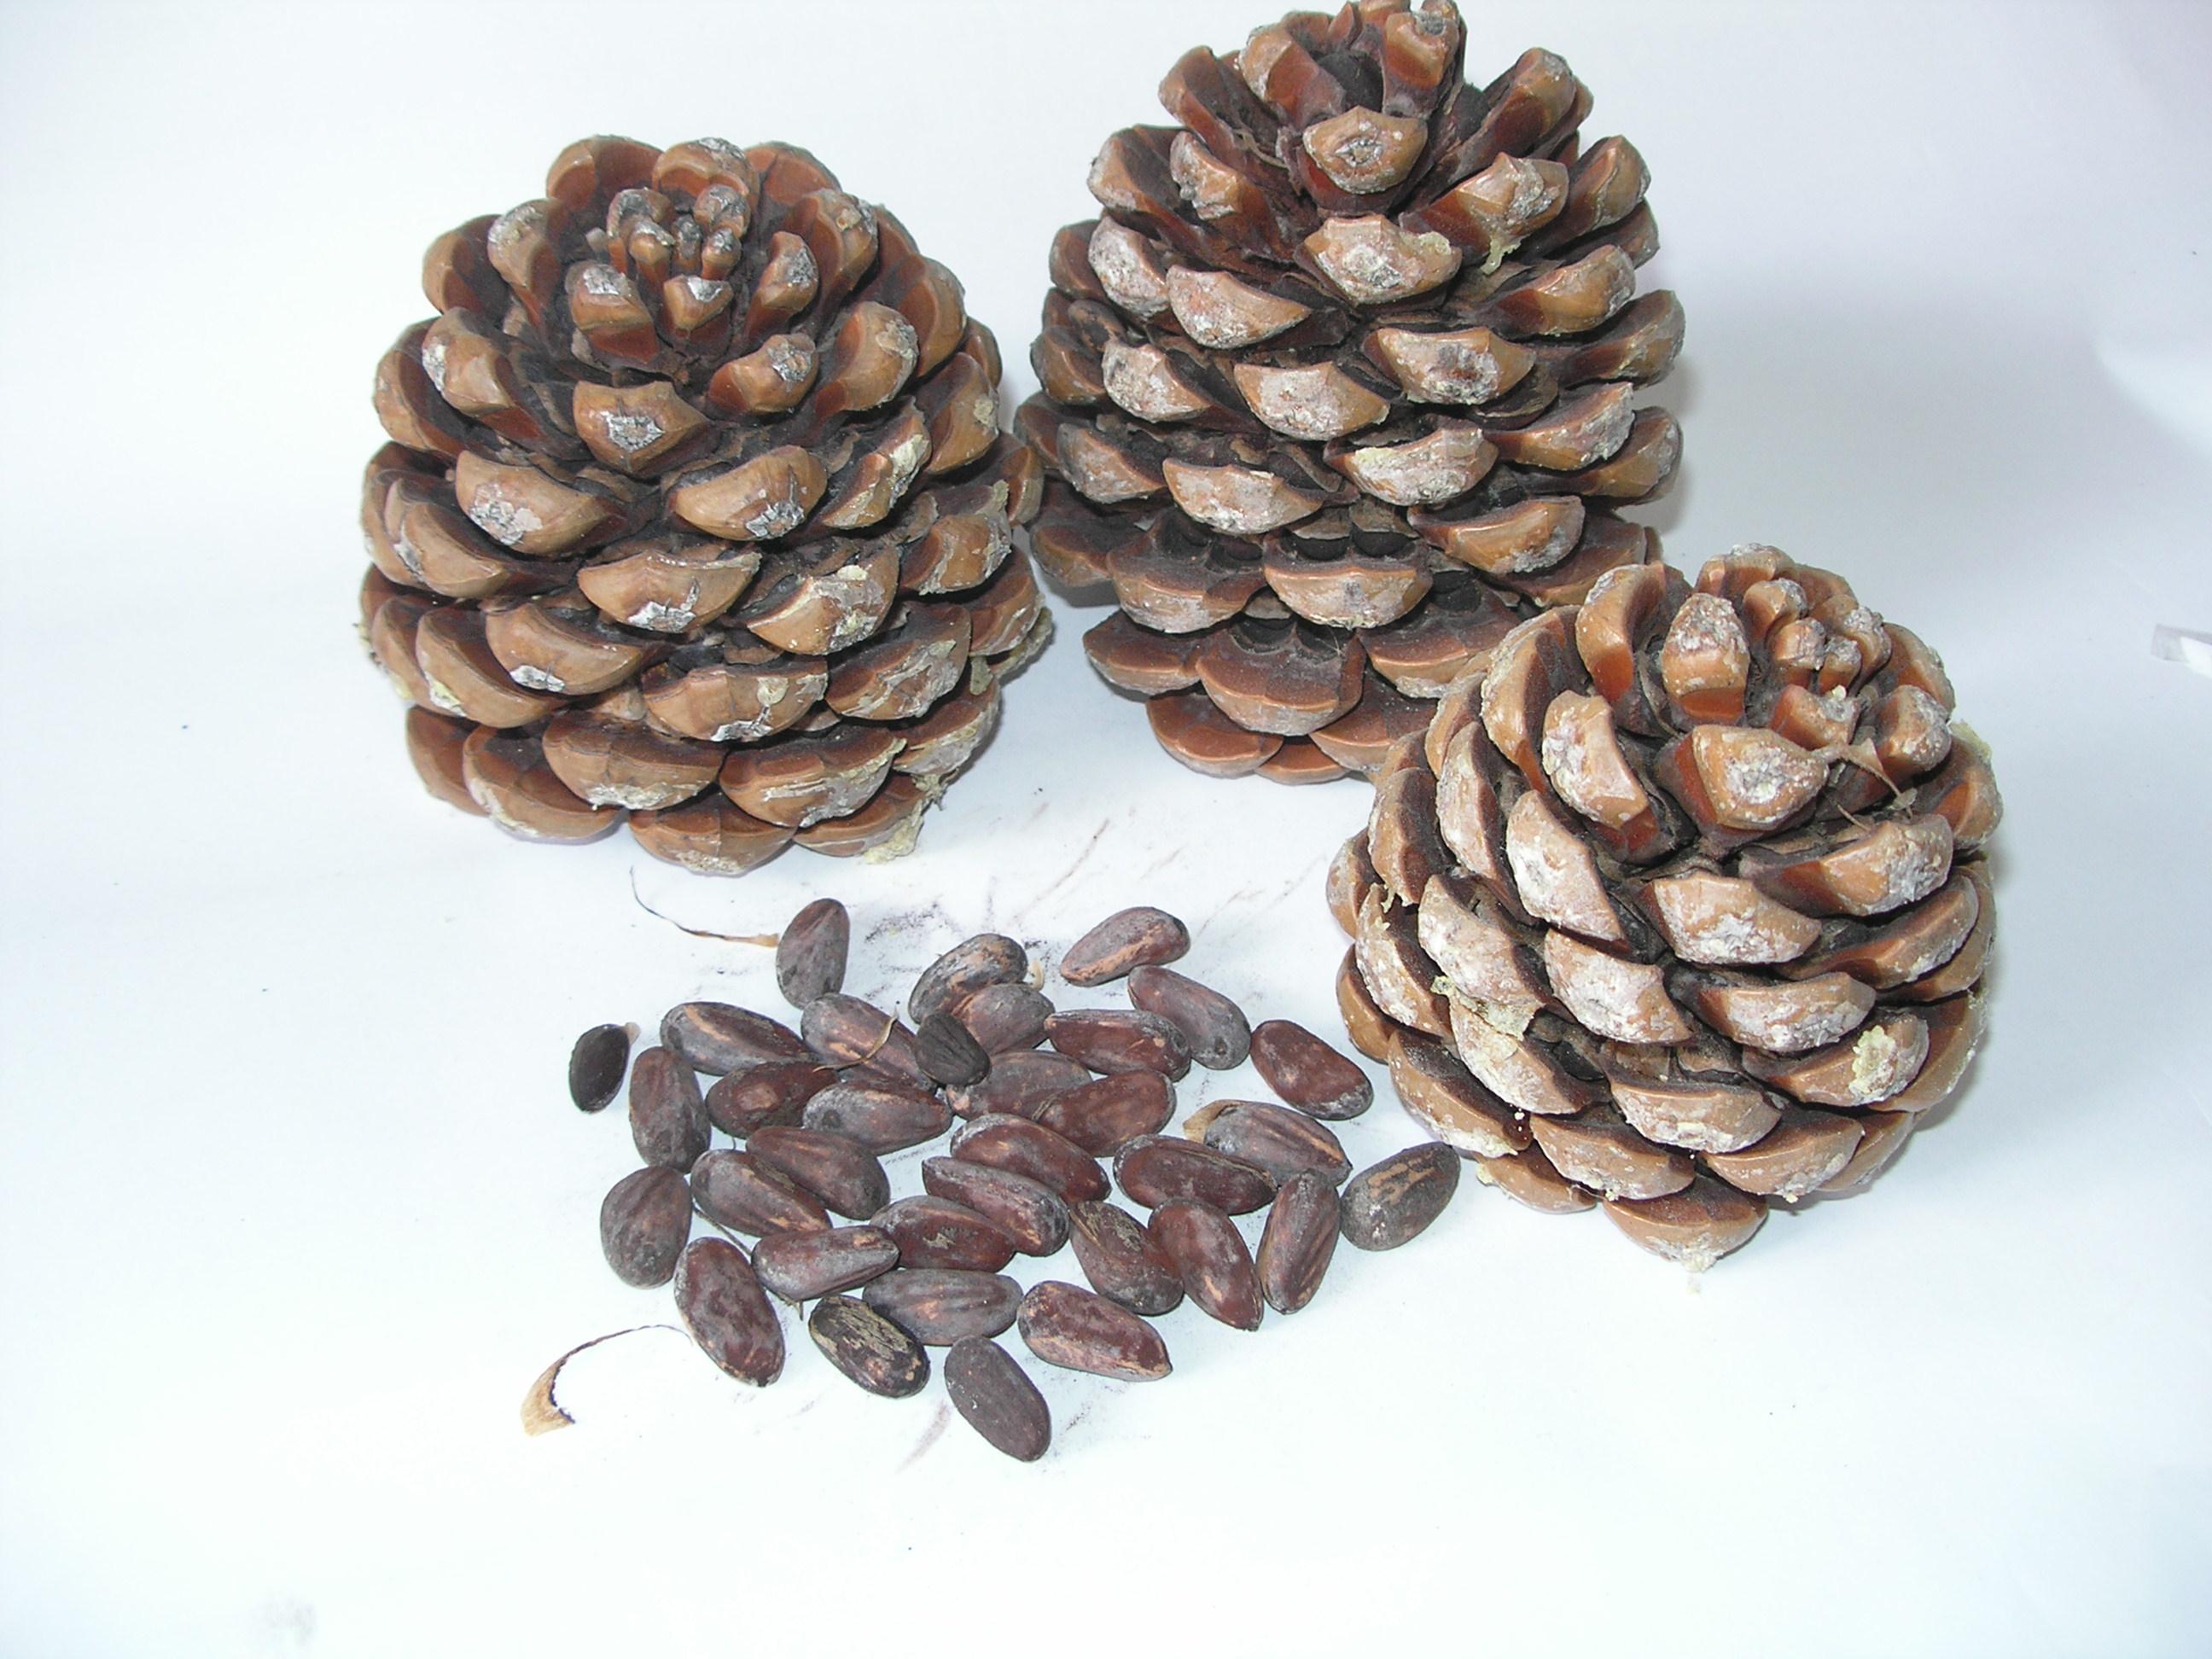 Mediterranean pine cones and nuts